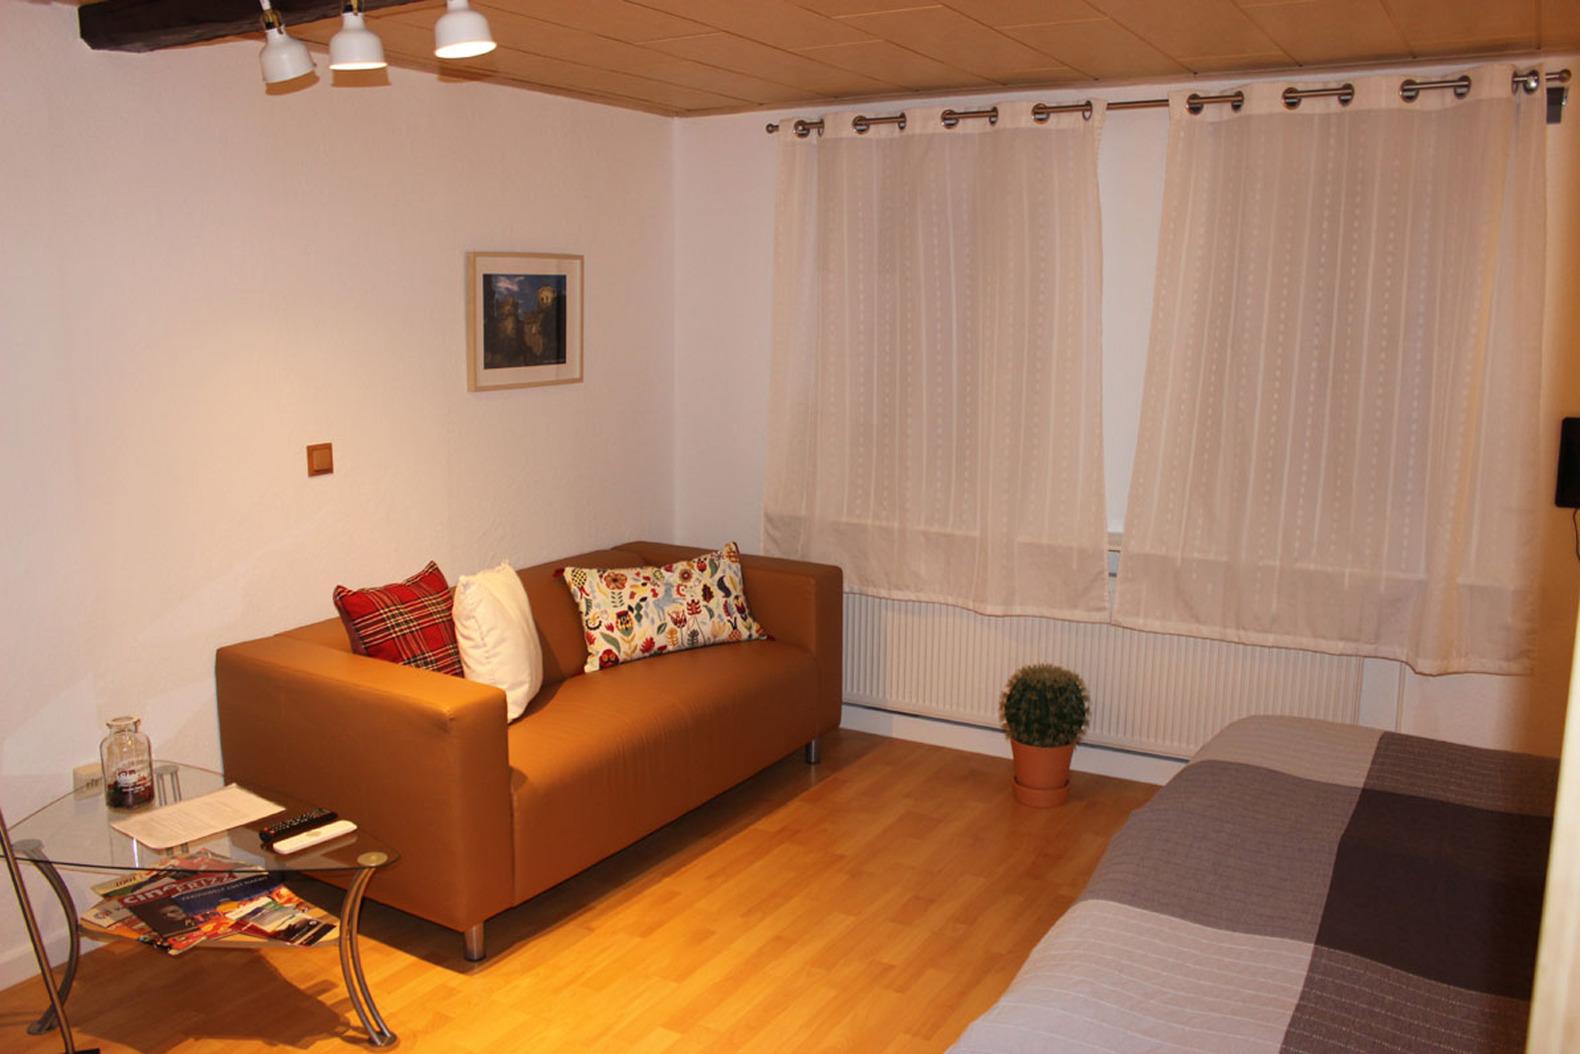 Ferienwohnung Apartment am Hirtenweg (003) (2551858), Kassel, Nordhessen, Hessen, Deutschland, Bild 6